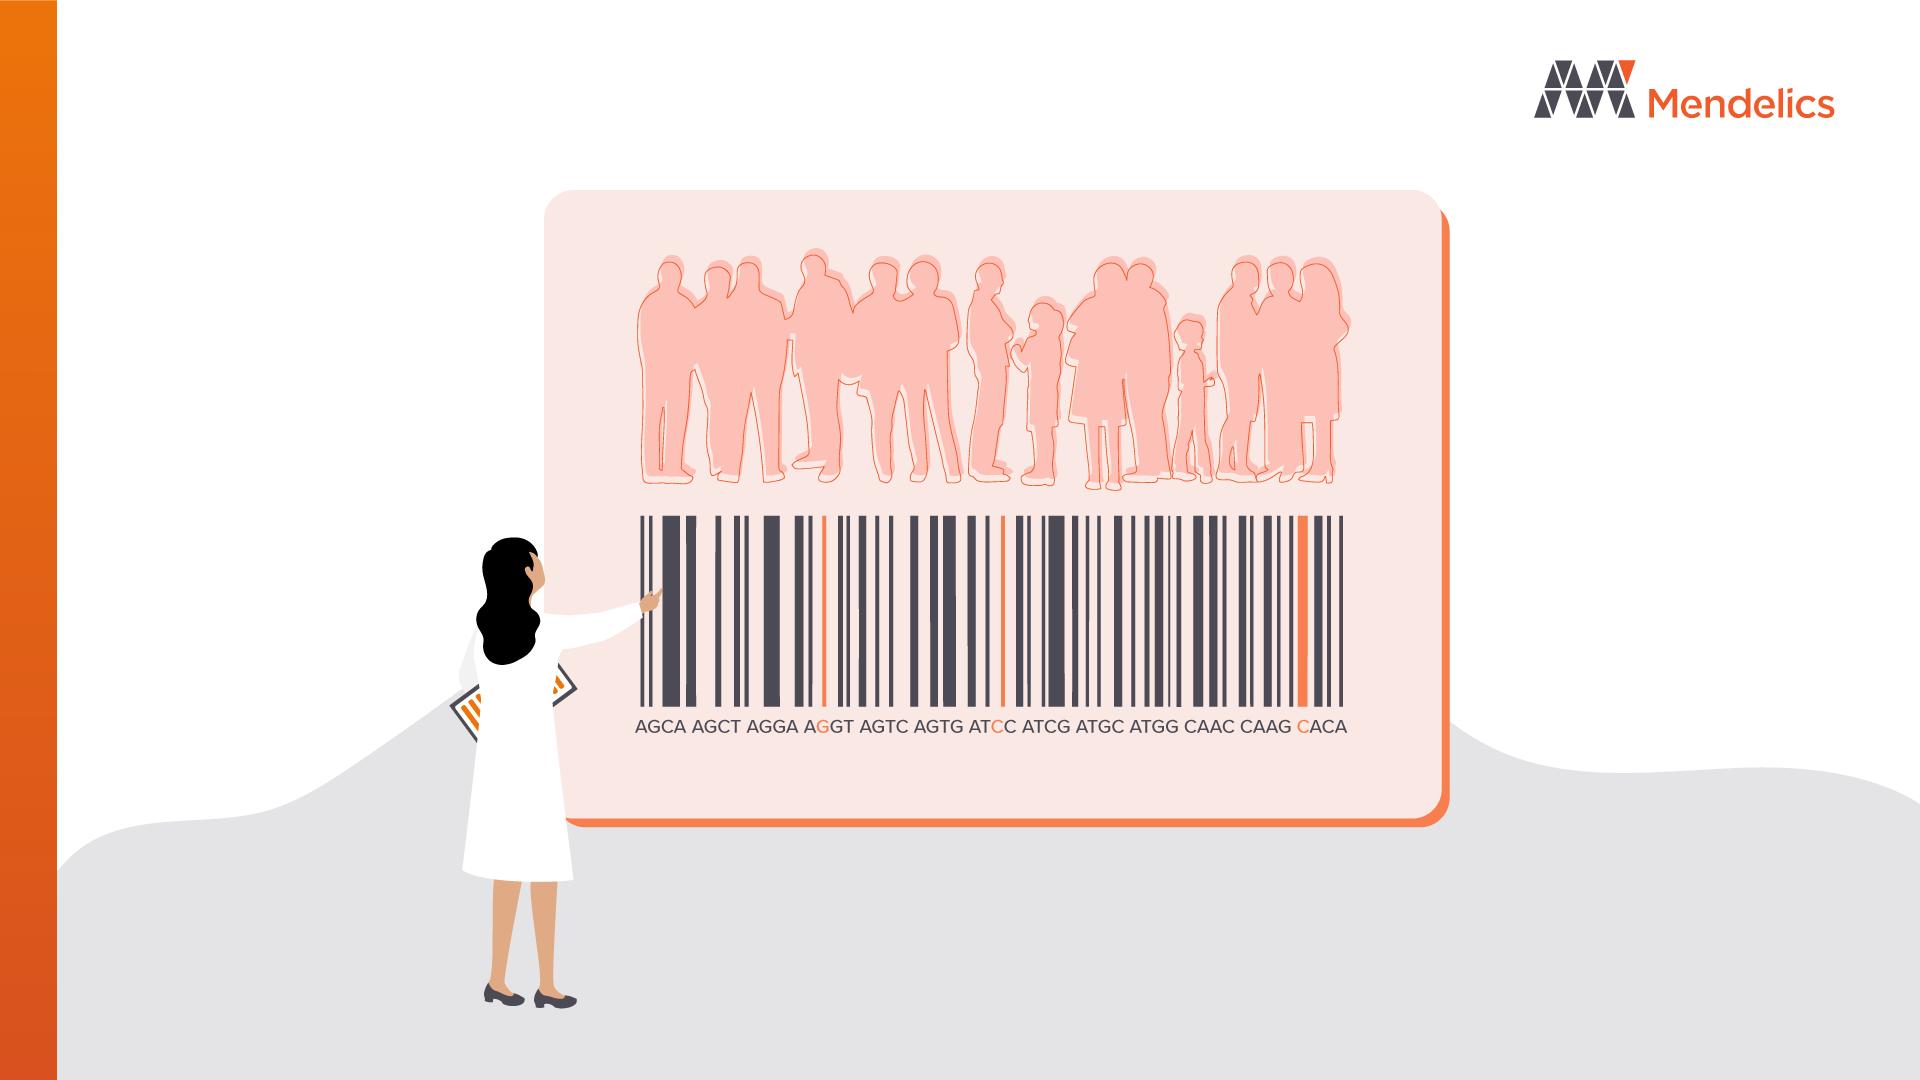 genoma humano mutação variação genética